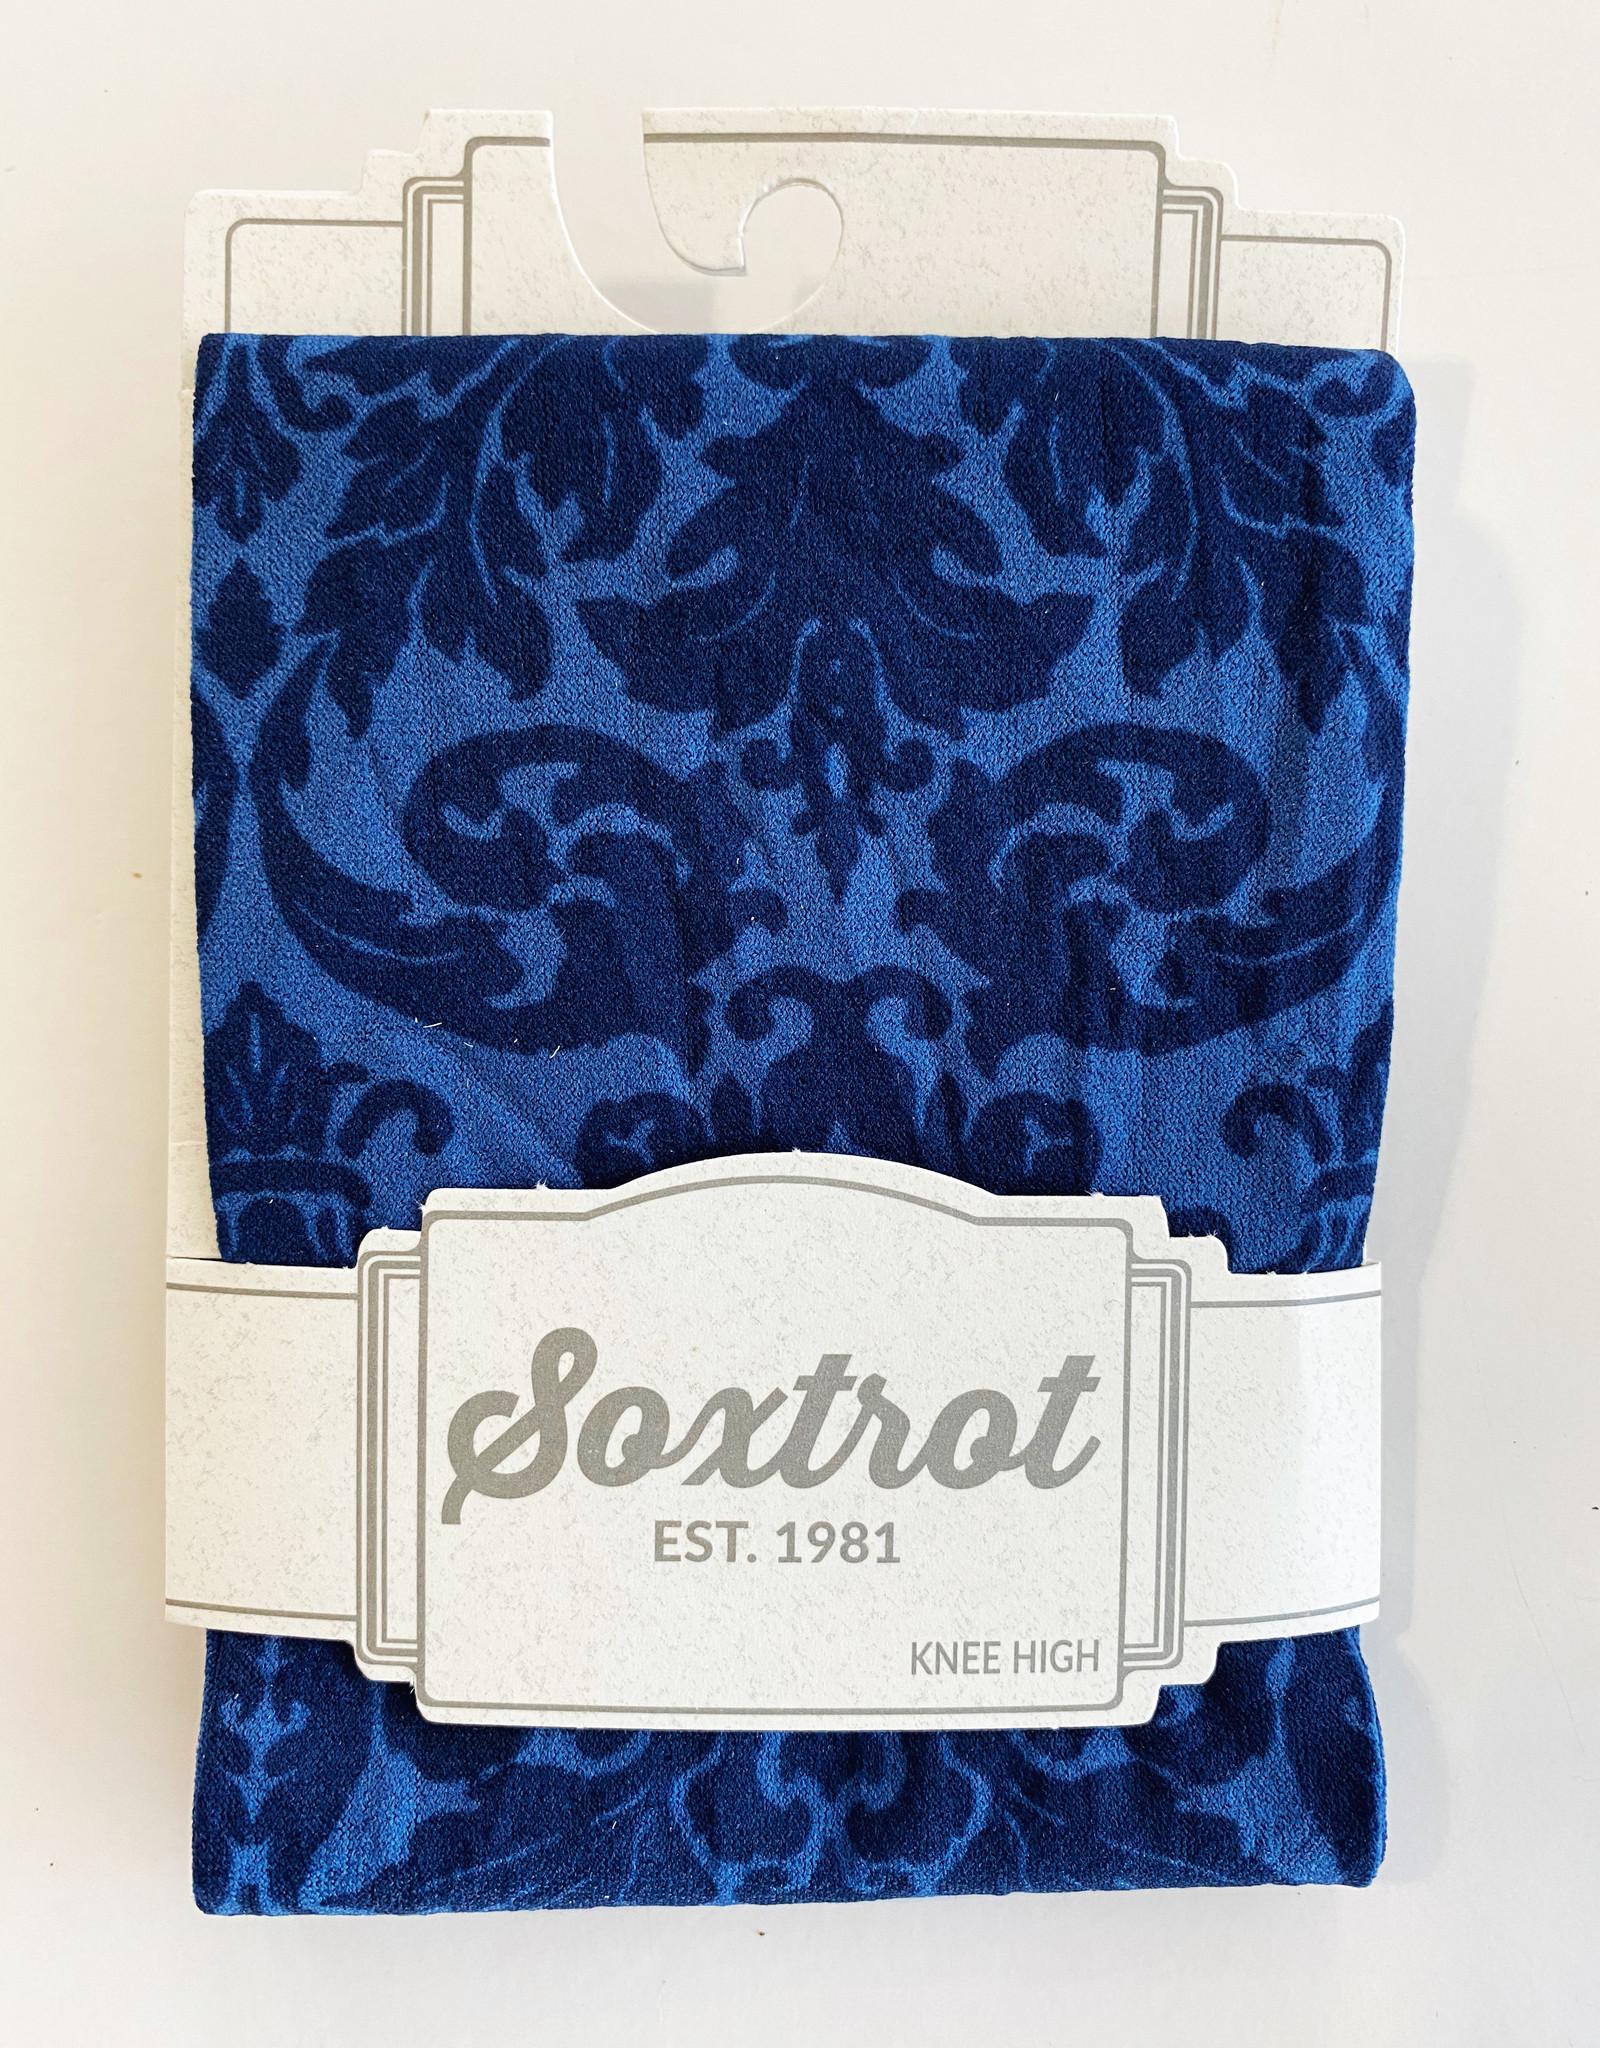 SOXTROT SOXTROT BLUE DAMASK CADET